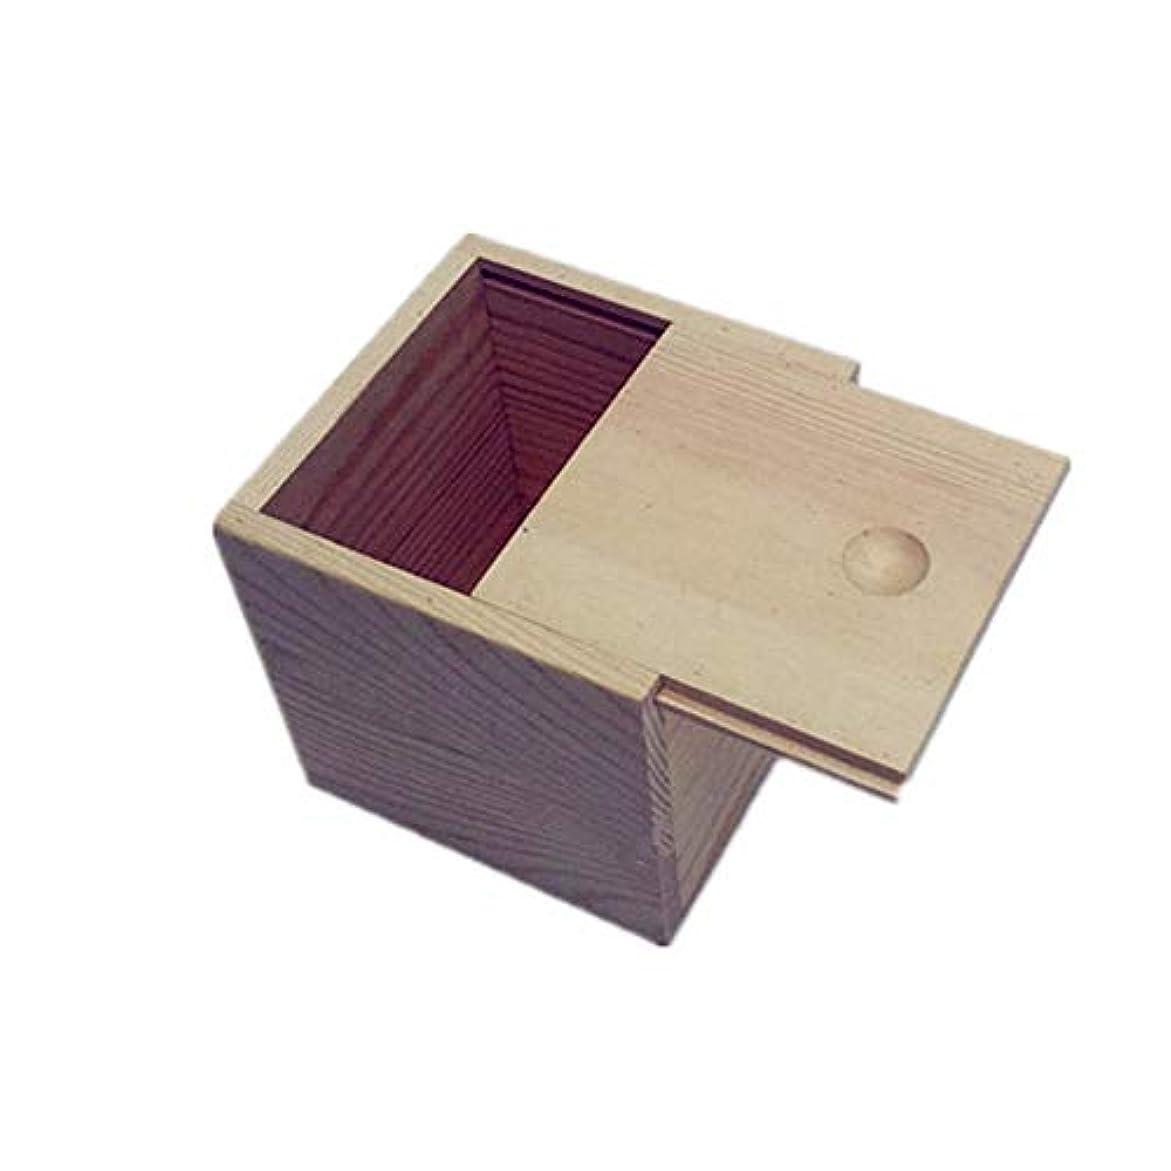 外交官砂漠遠洋のエッセンシャルオイルの保管 木製のエッセンシャルオイルストレージボックス安全なスペースセーバーあなたの油を維持するためのベスト (色 : Natural, サイズ : 9X9X5CM)